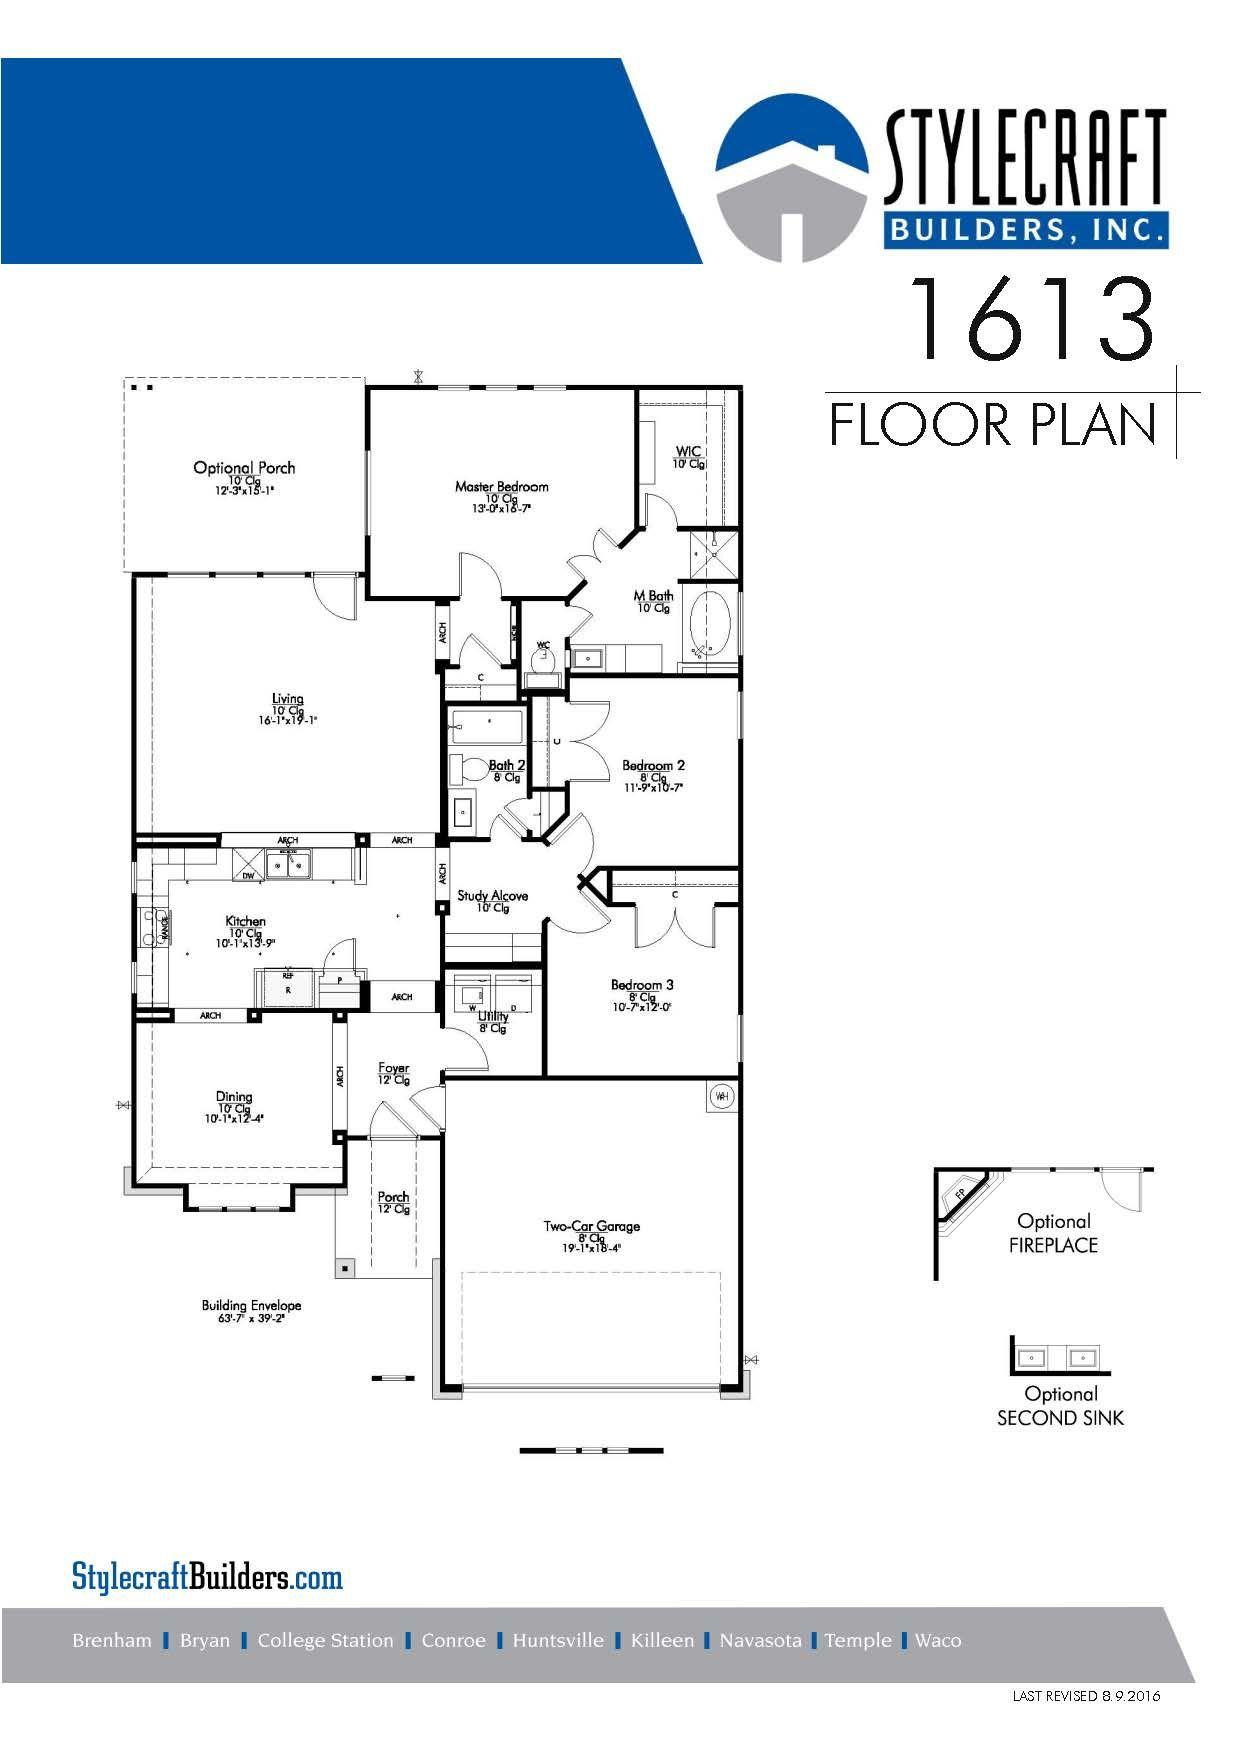 1613 Floor Plan Brookview Community Stylecraft Builders Floor Plans How To Plan Stylecraft